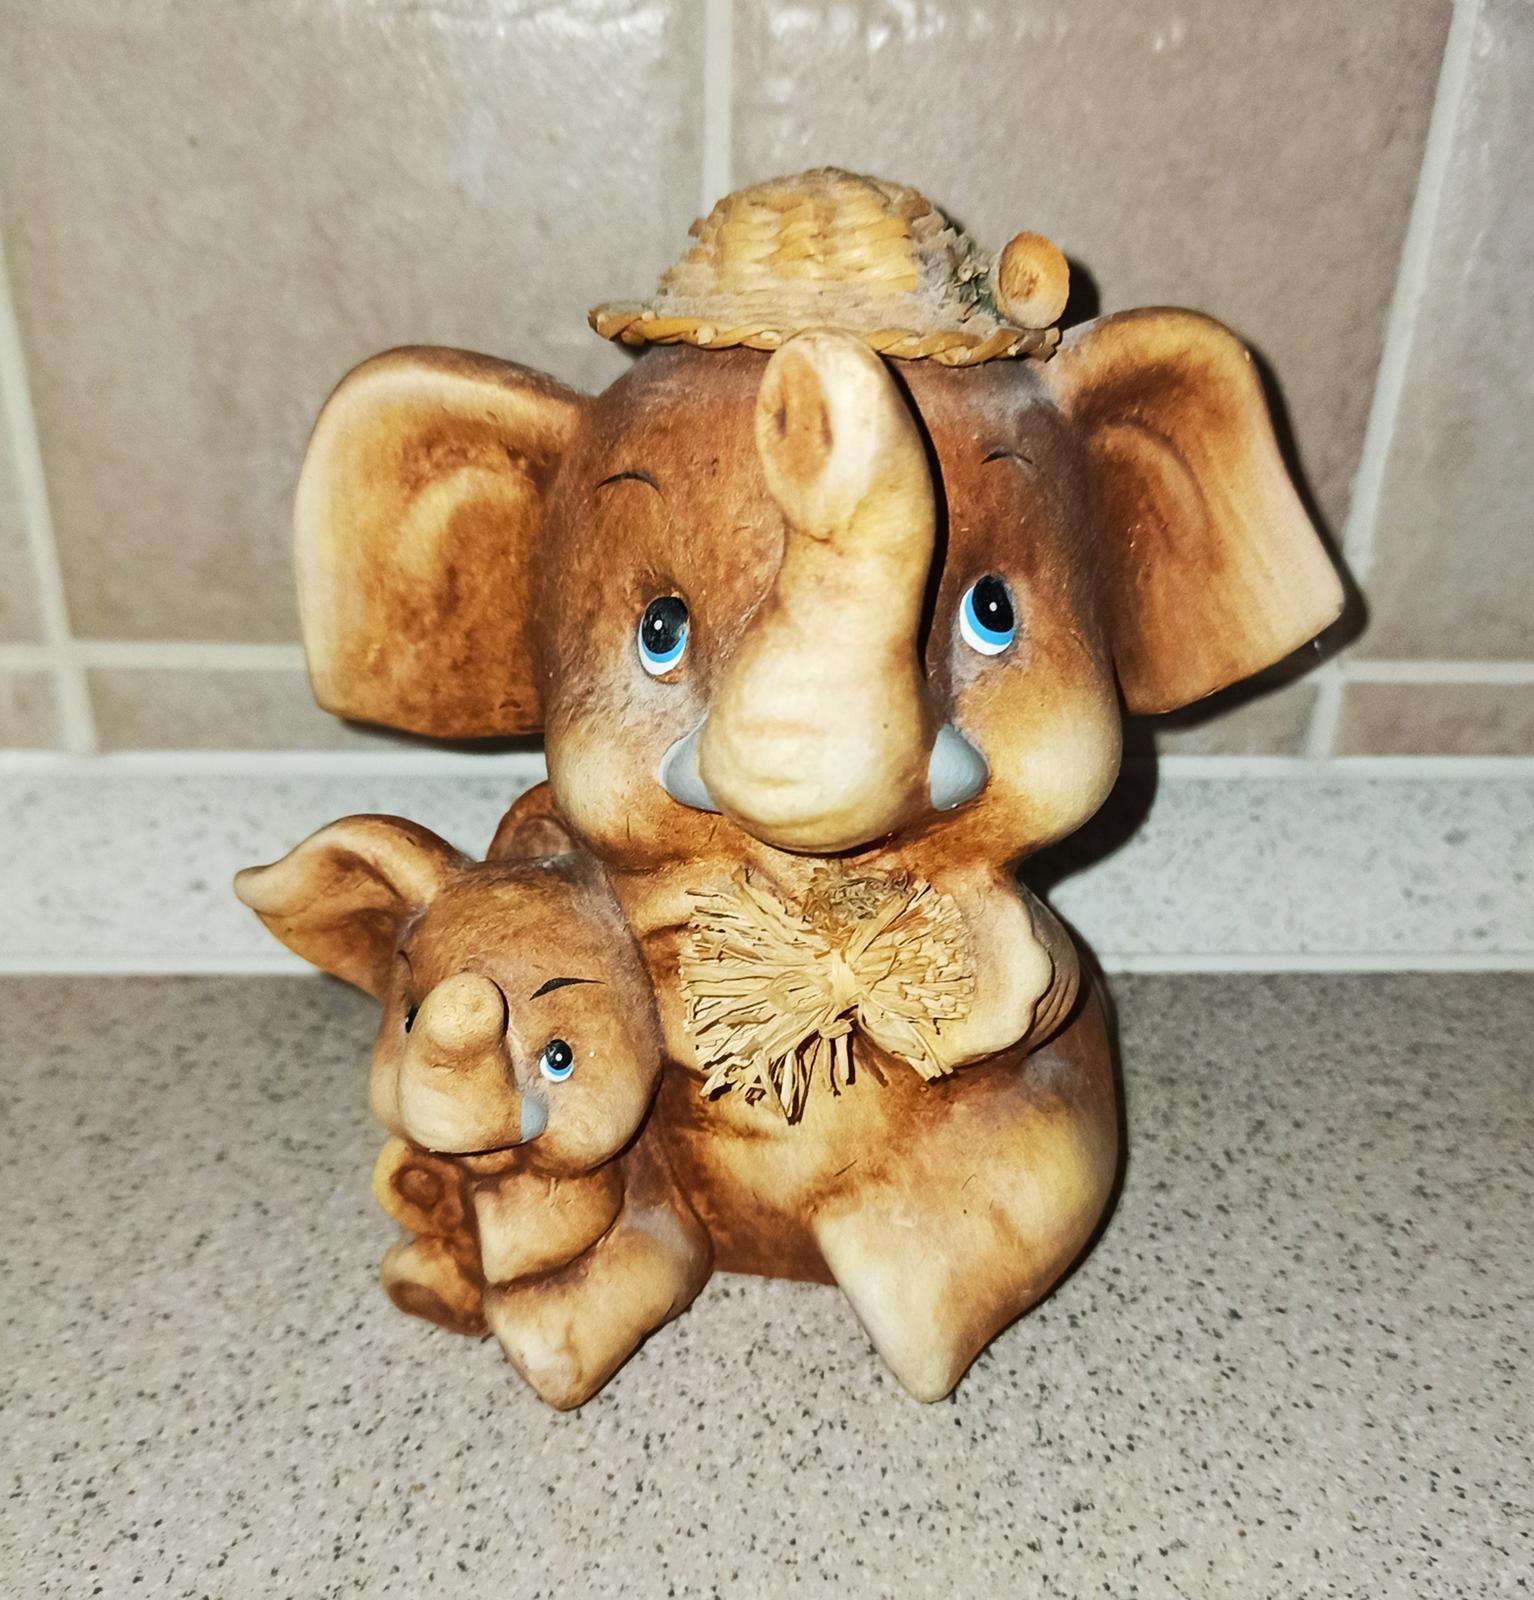 soška sloníka - Obrázok č. 1